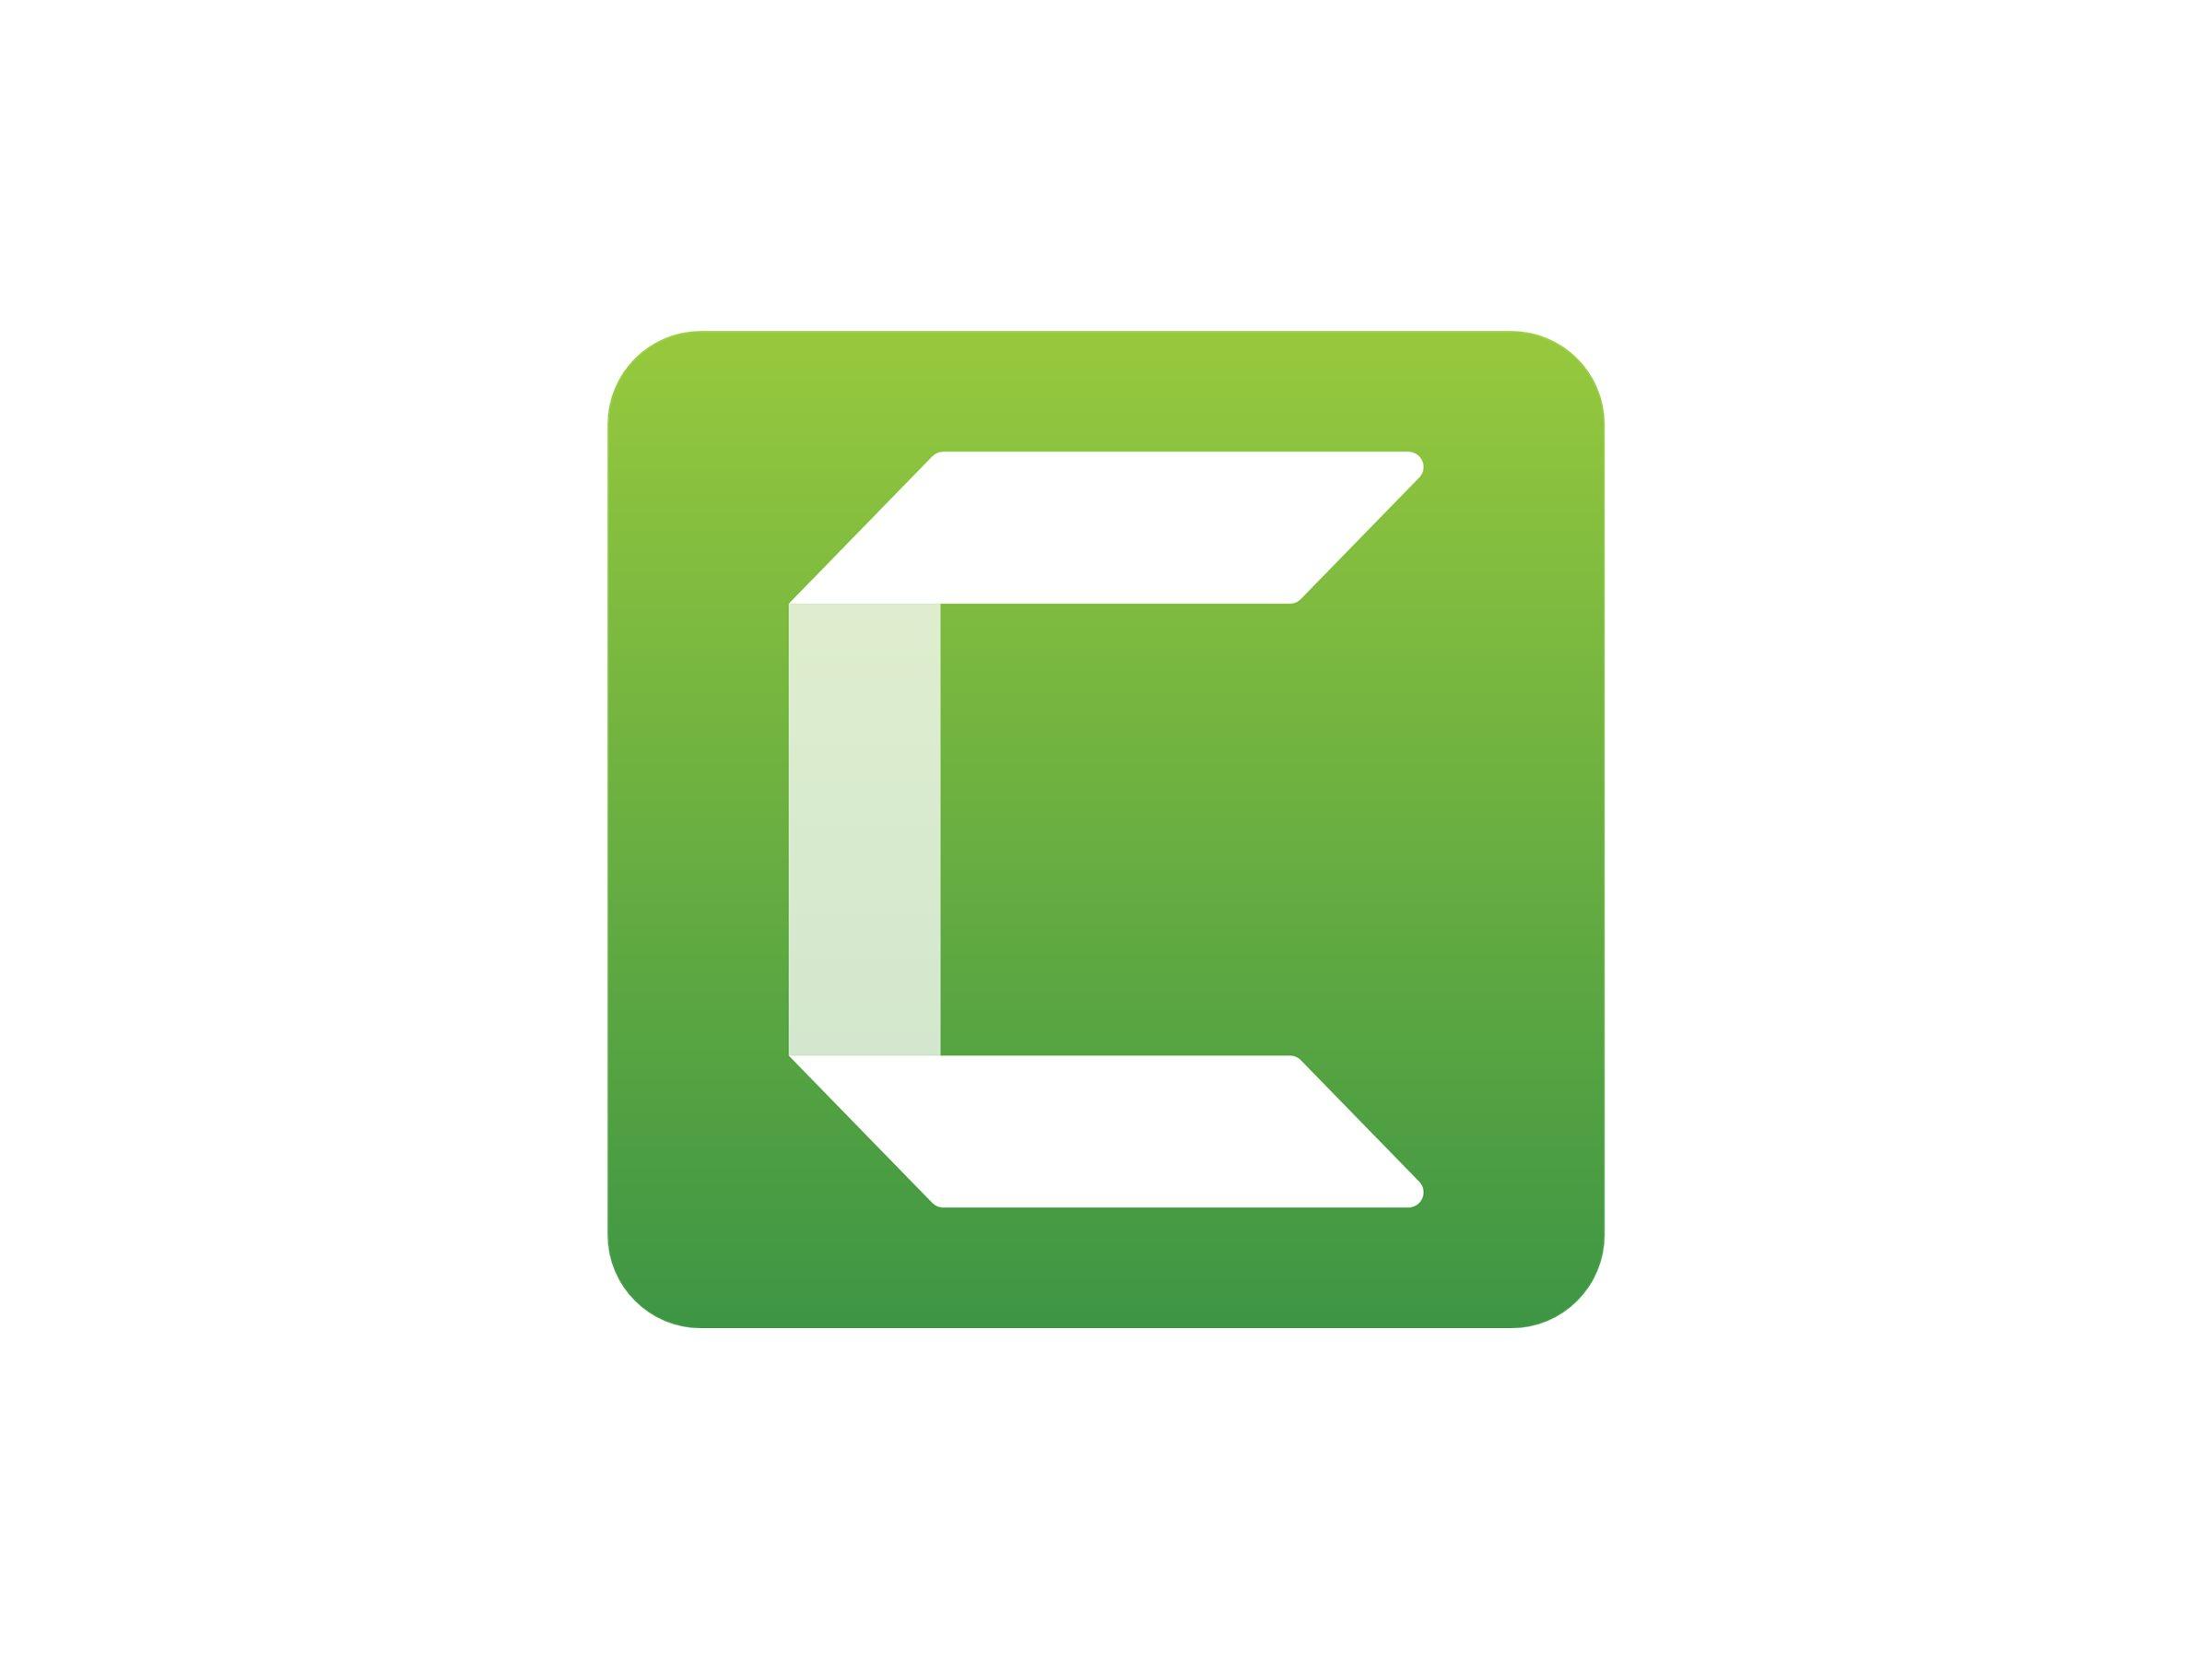 Camtasia 2021 - Upgrade-Lizenz + Maintenance - 1 Benutzer - Volumen, kommerziell - 1-4 Lizenzen - ESD